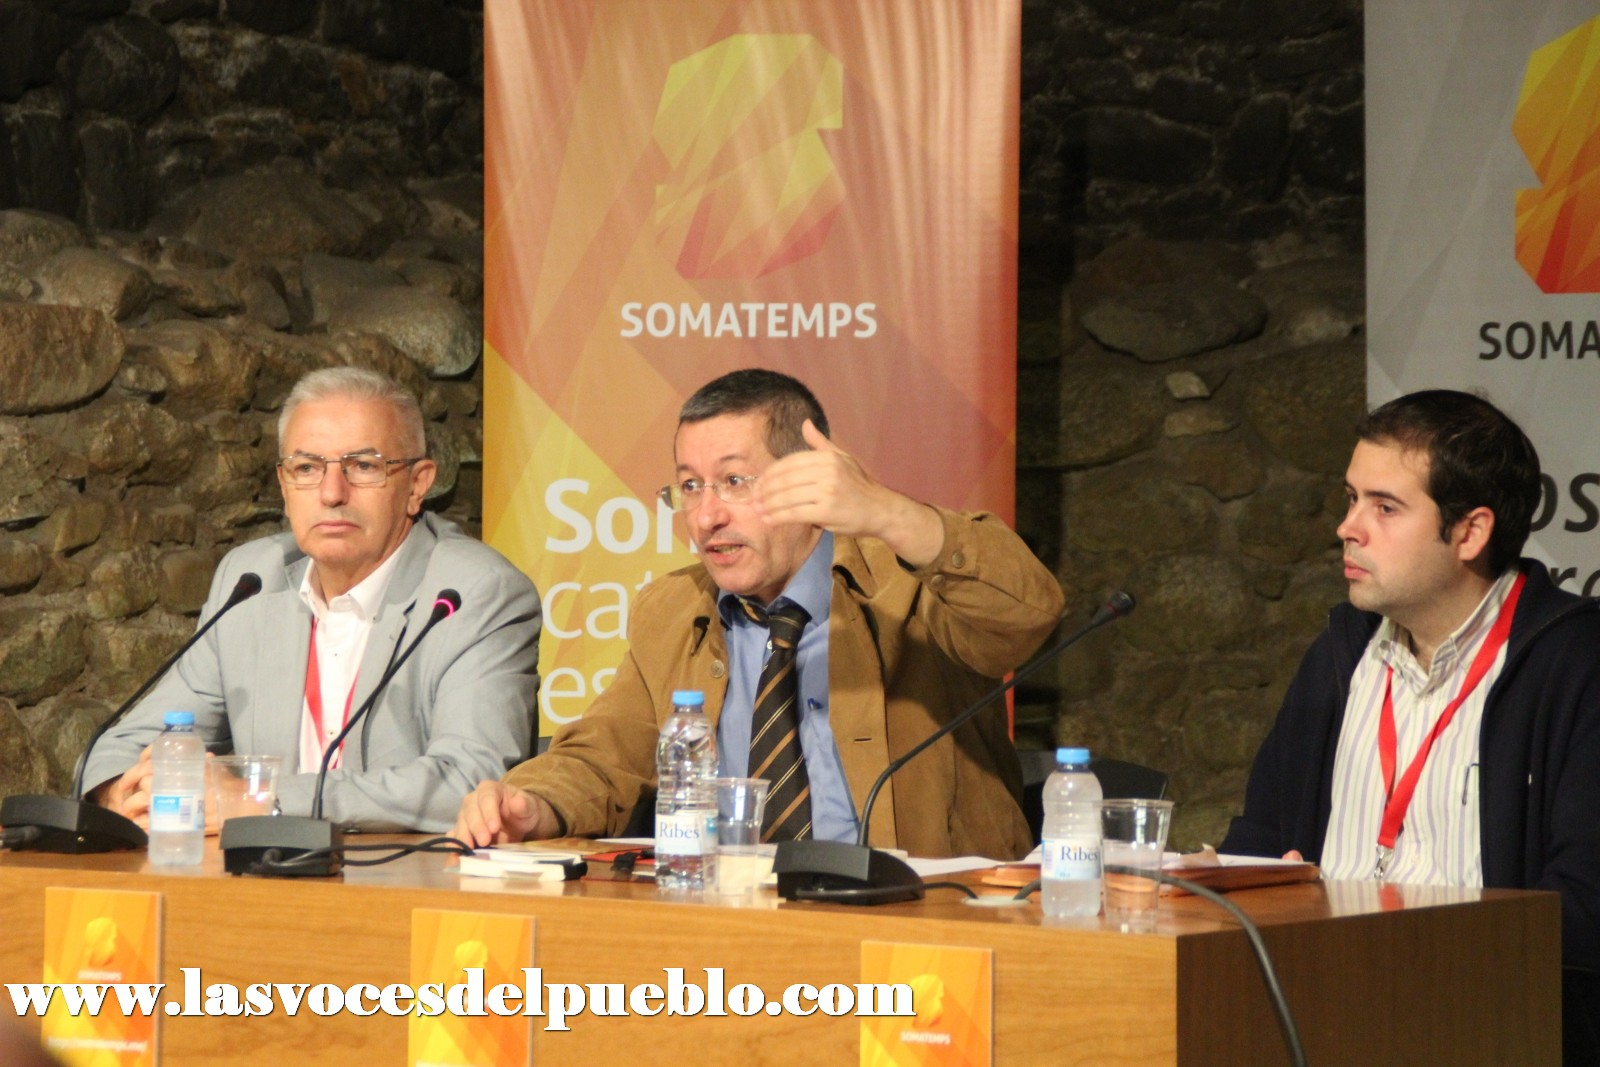 las voces del pueblo_I Congreso de Somatemps_Ripoll_Gerona (70)